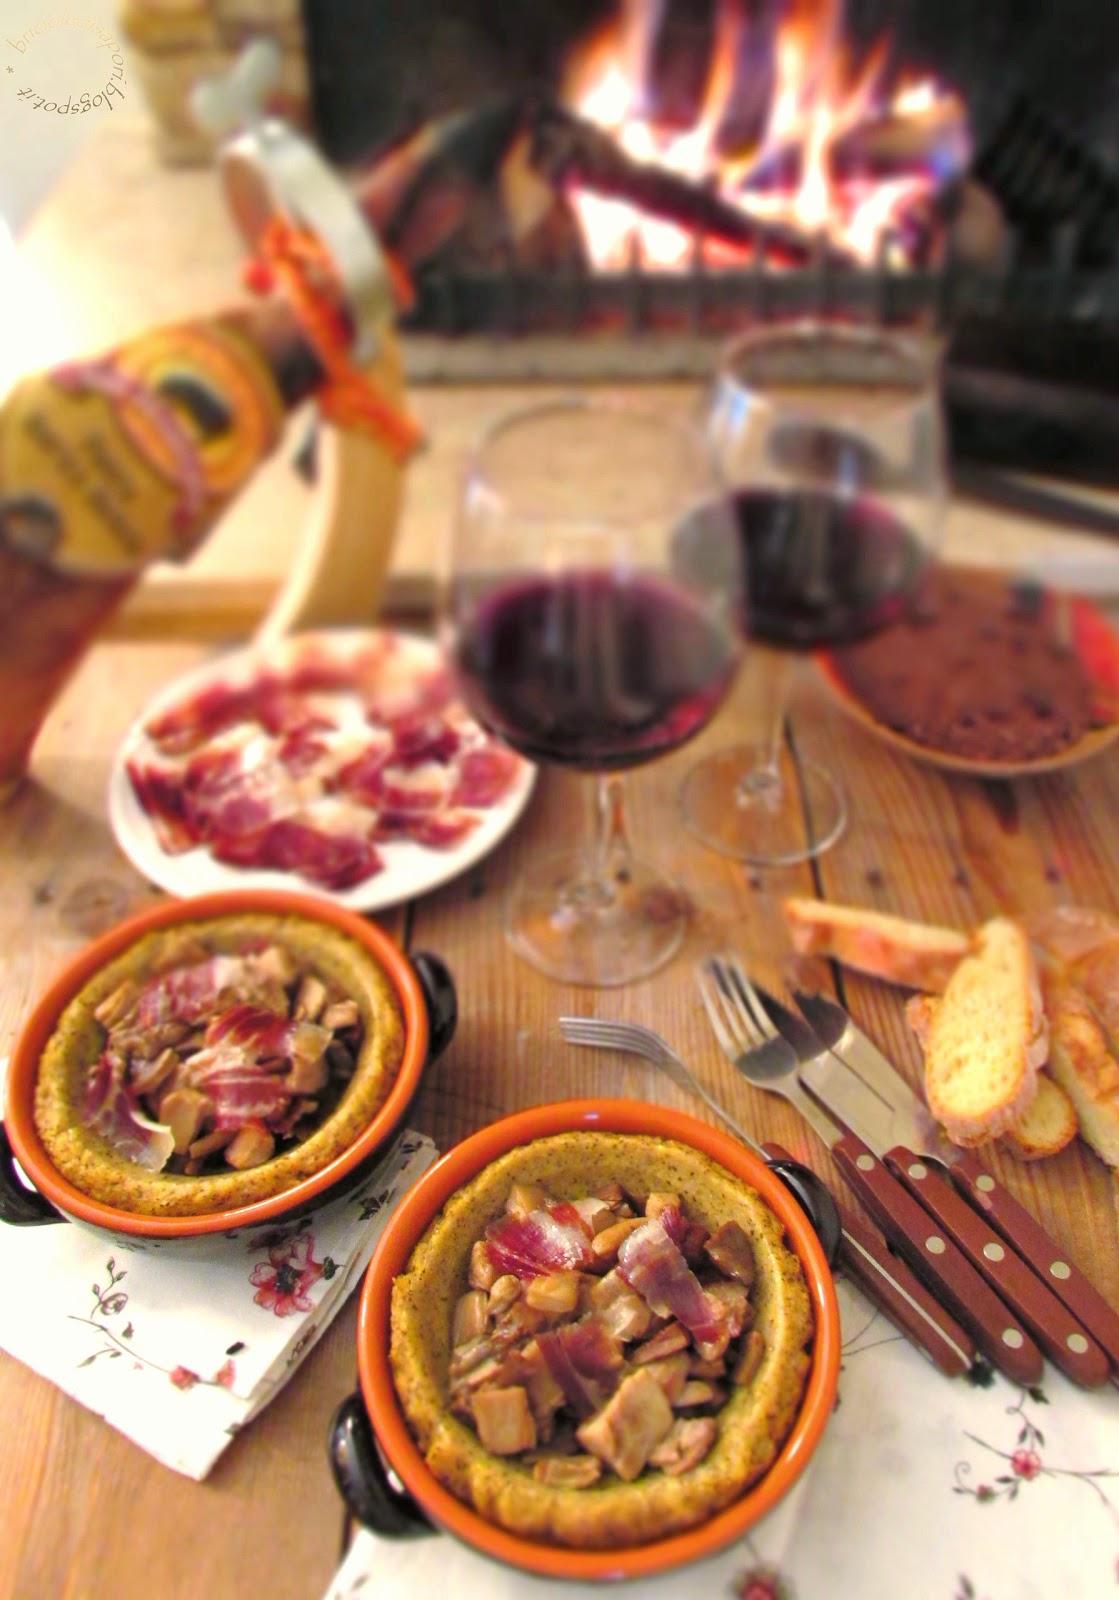 italia - spagna. polenta taragna con funghi e riccioli croccanti di pata negra